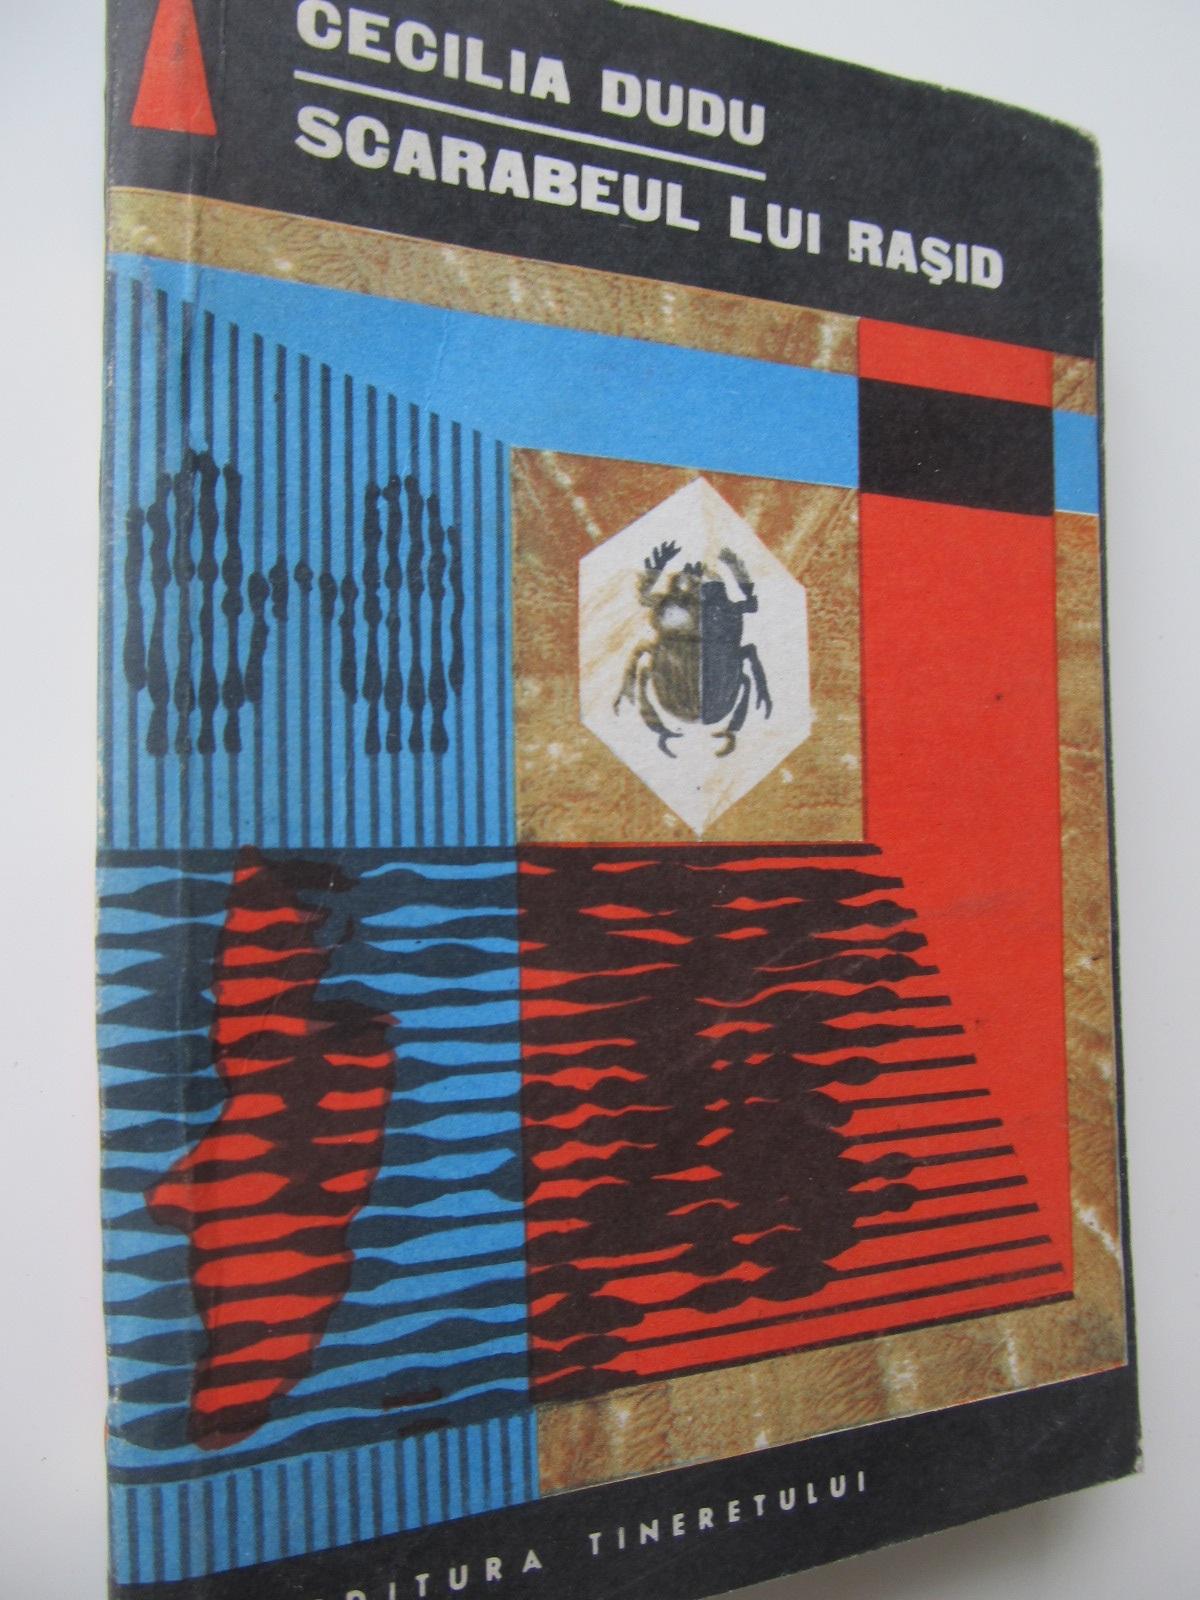 Scarabeul lui Rasid - Cecilia Dudu | Detalii carte